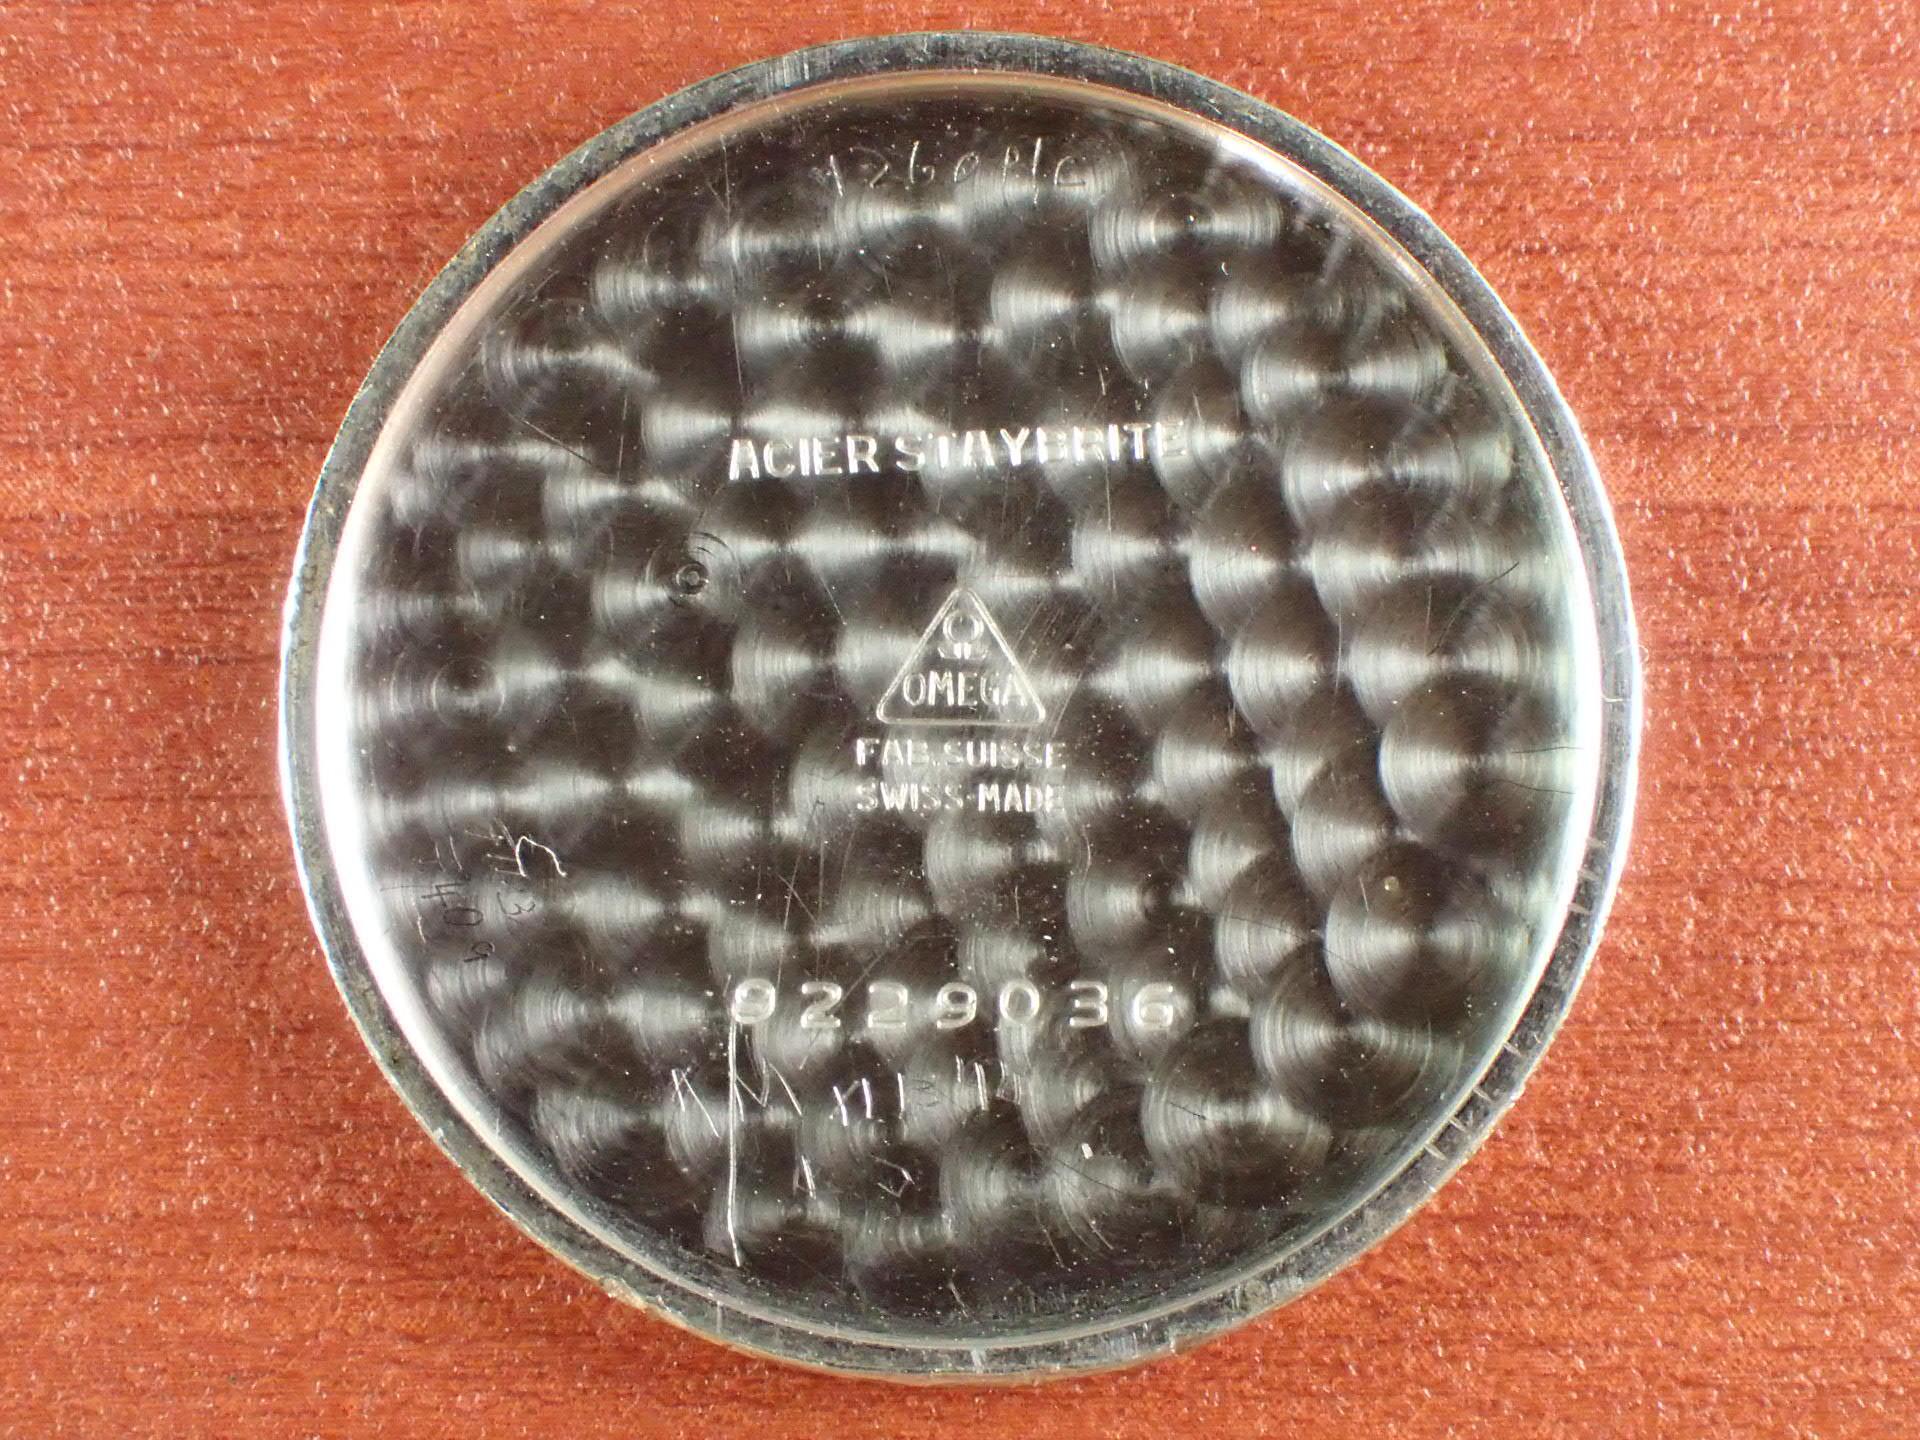 オメガ ポーセリンダイアル スモールセコンド Cal.26.5 SOB 1930年代の写真6枚目